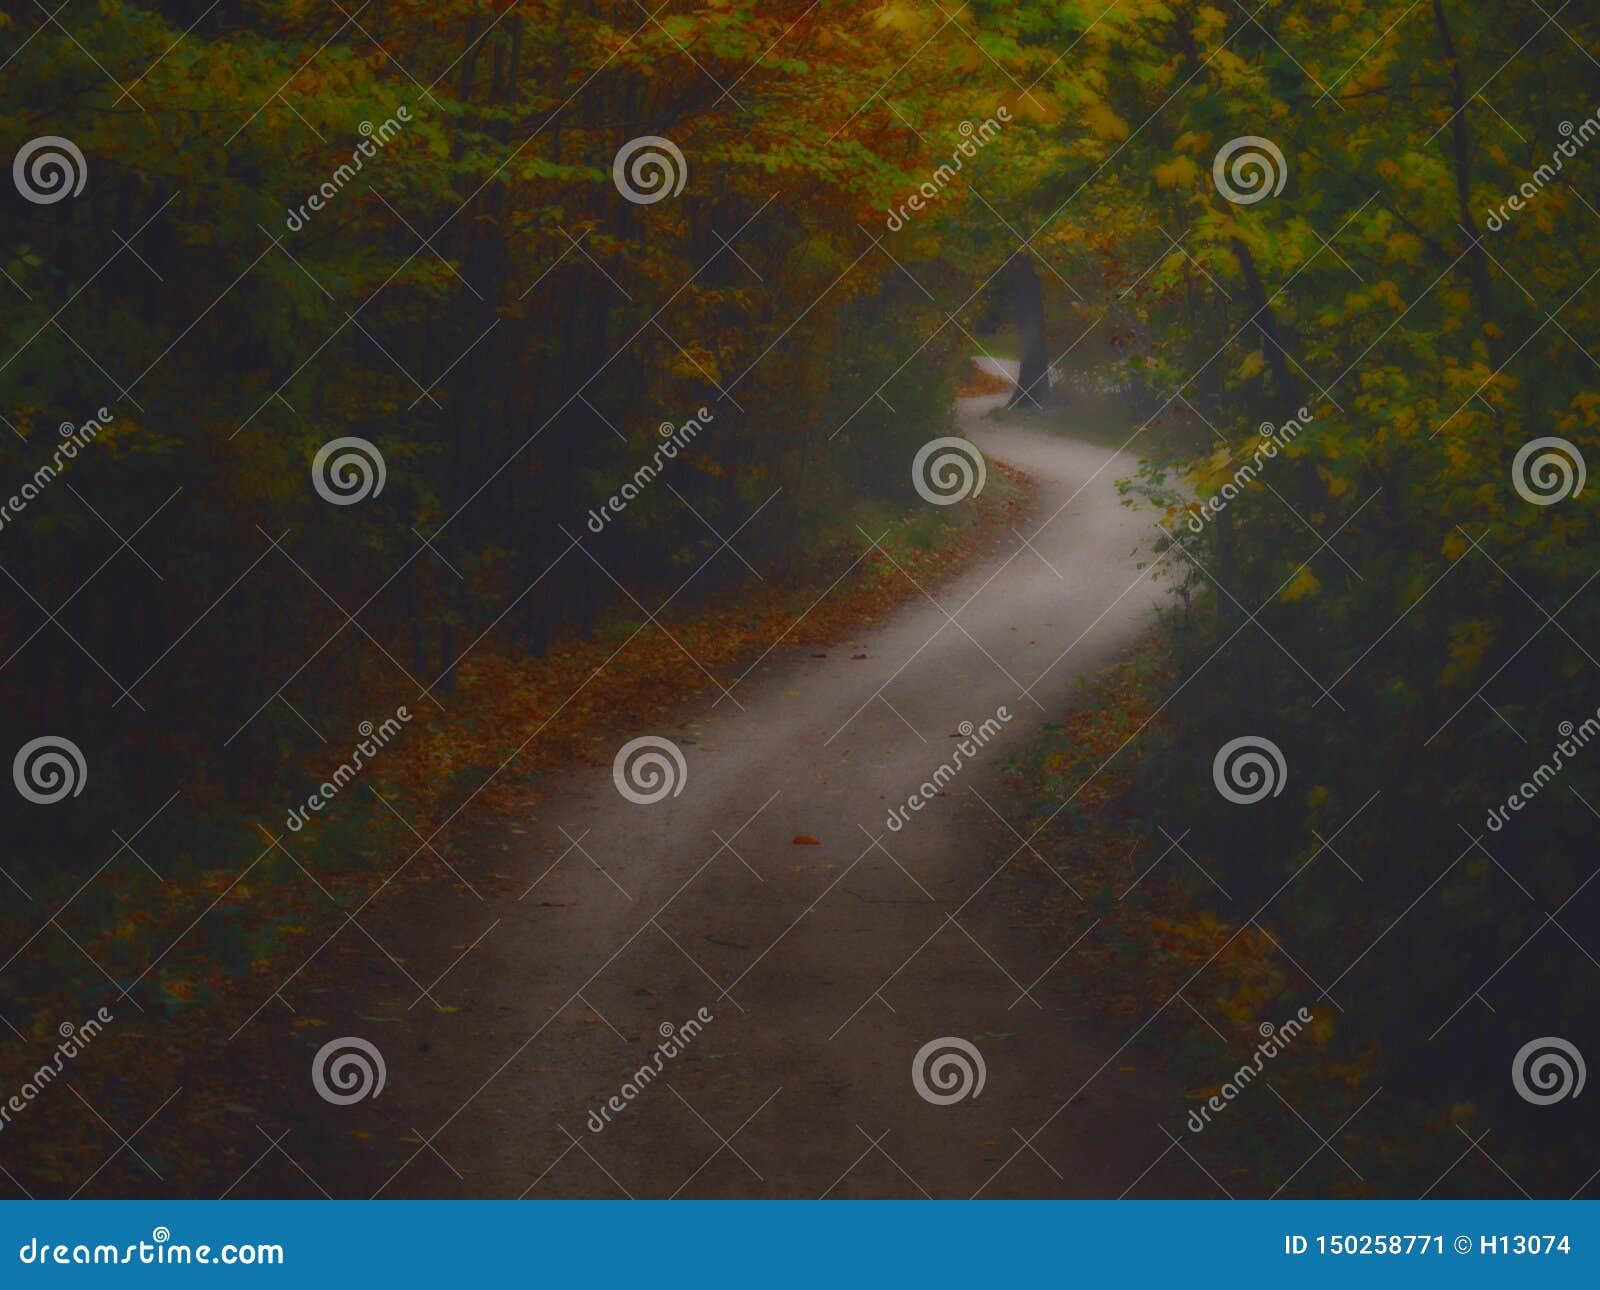 Bosque espeluznante oscuro con el camino formado curva doble